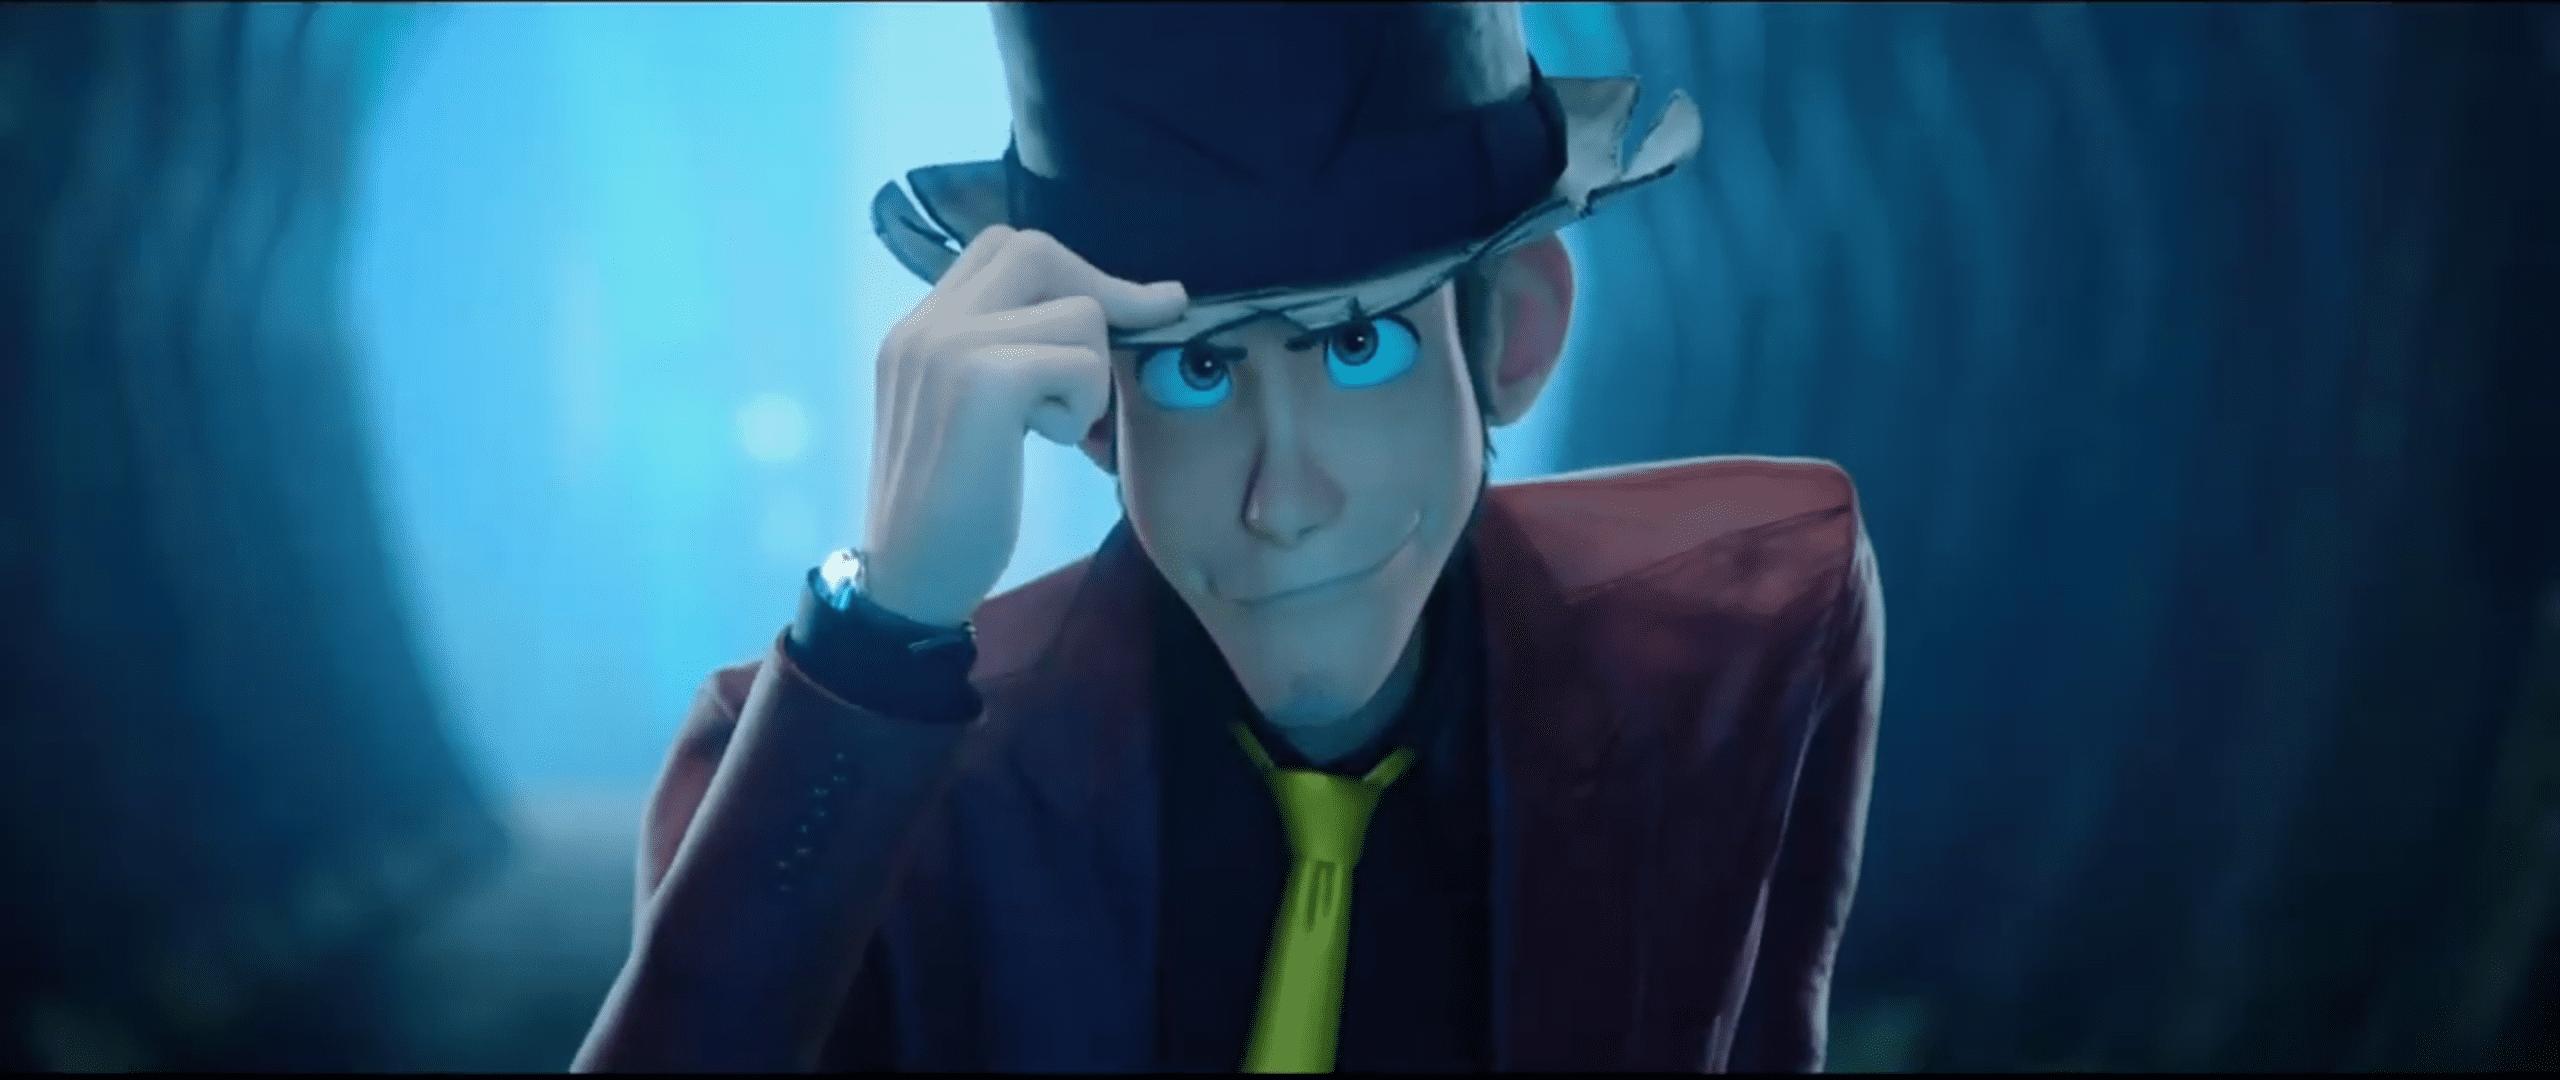 Lupin III The First Screen 1